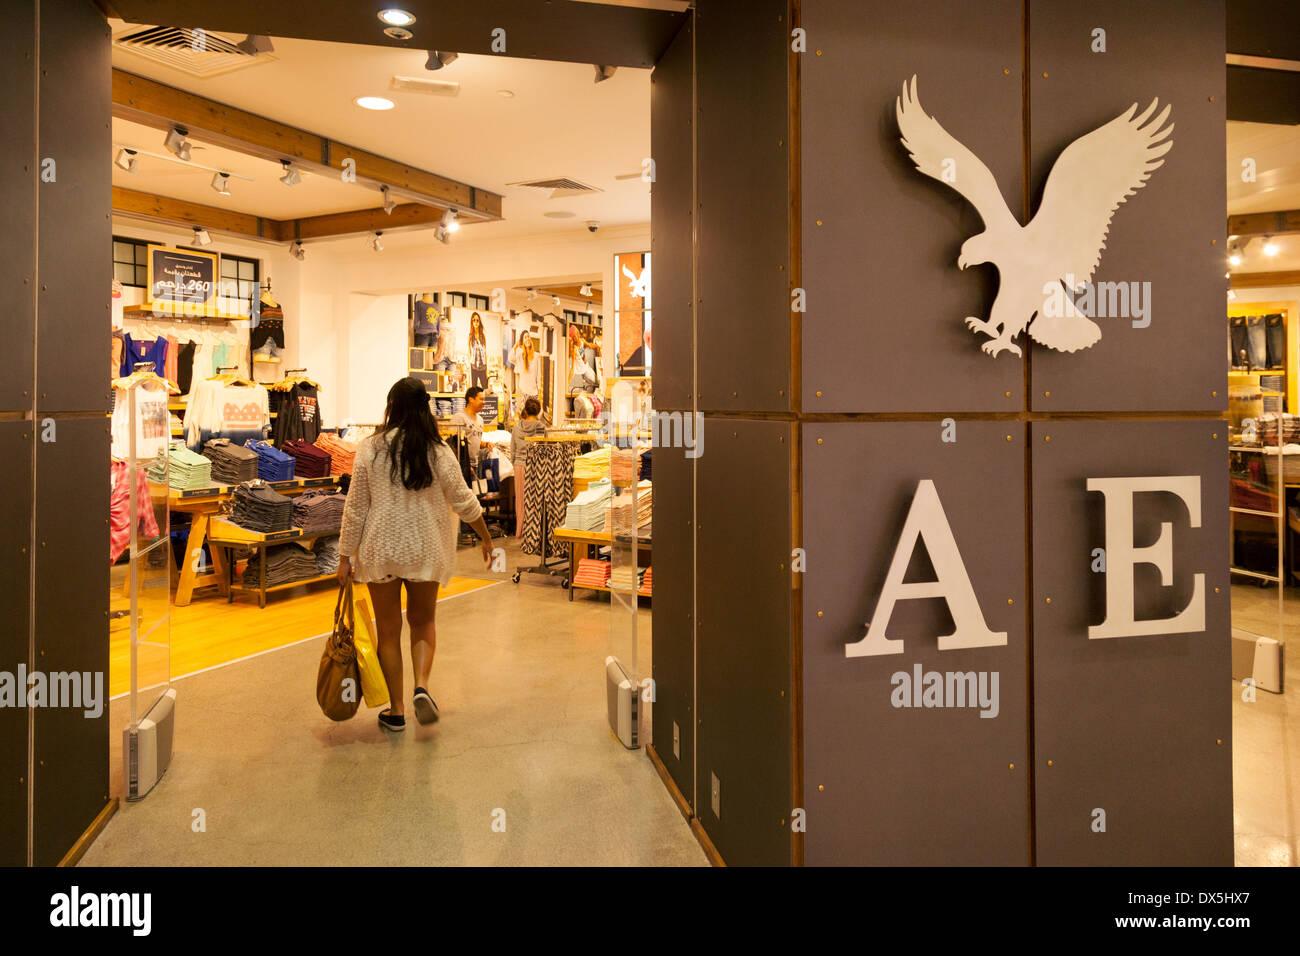 American Eagle Outfitters Store Shop Dubai Mall Dubai